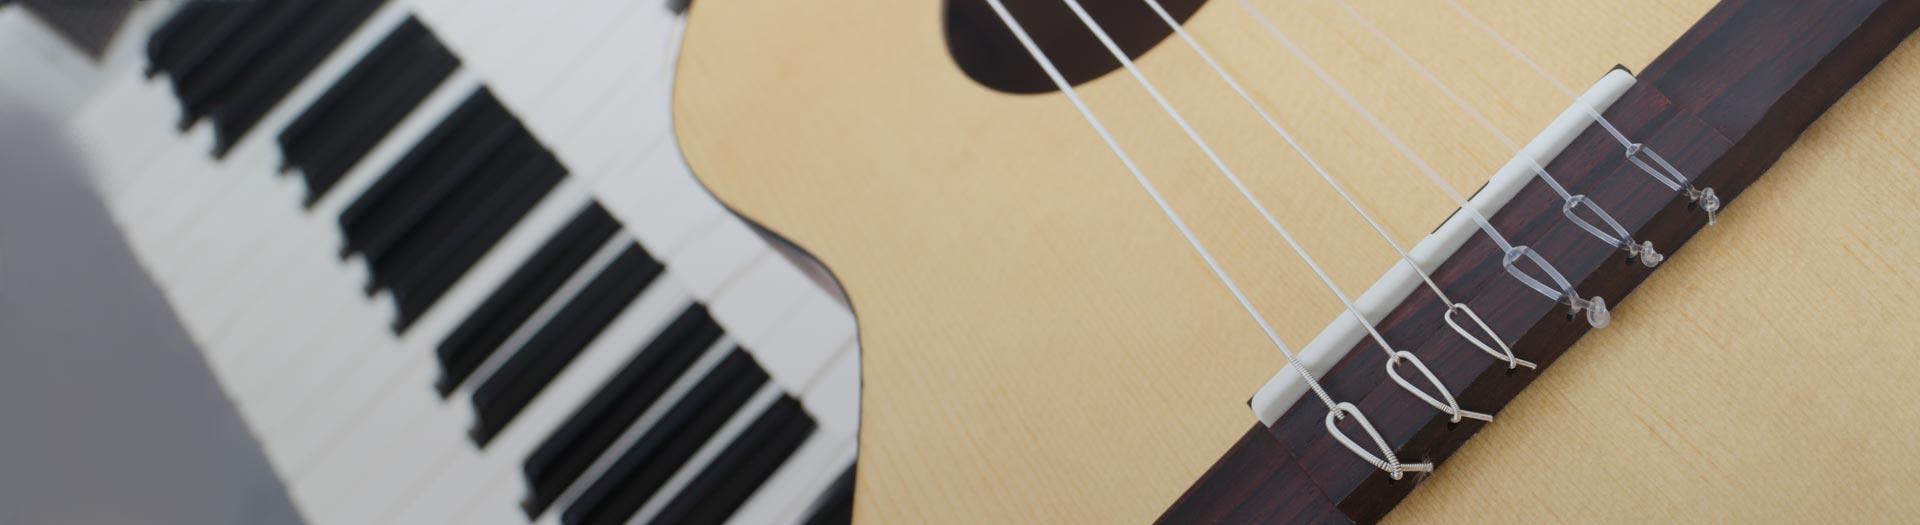 Nauka gry na<br />instrumentach muzycznych